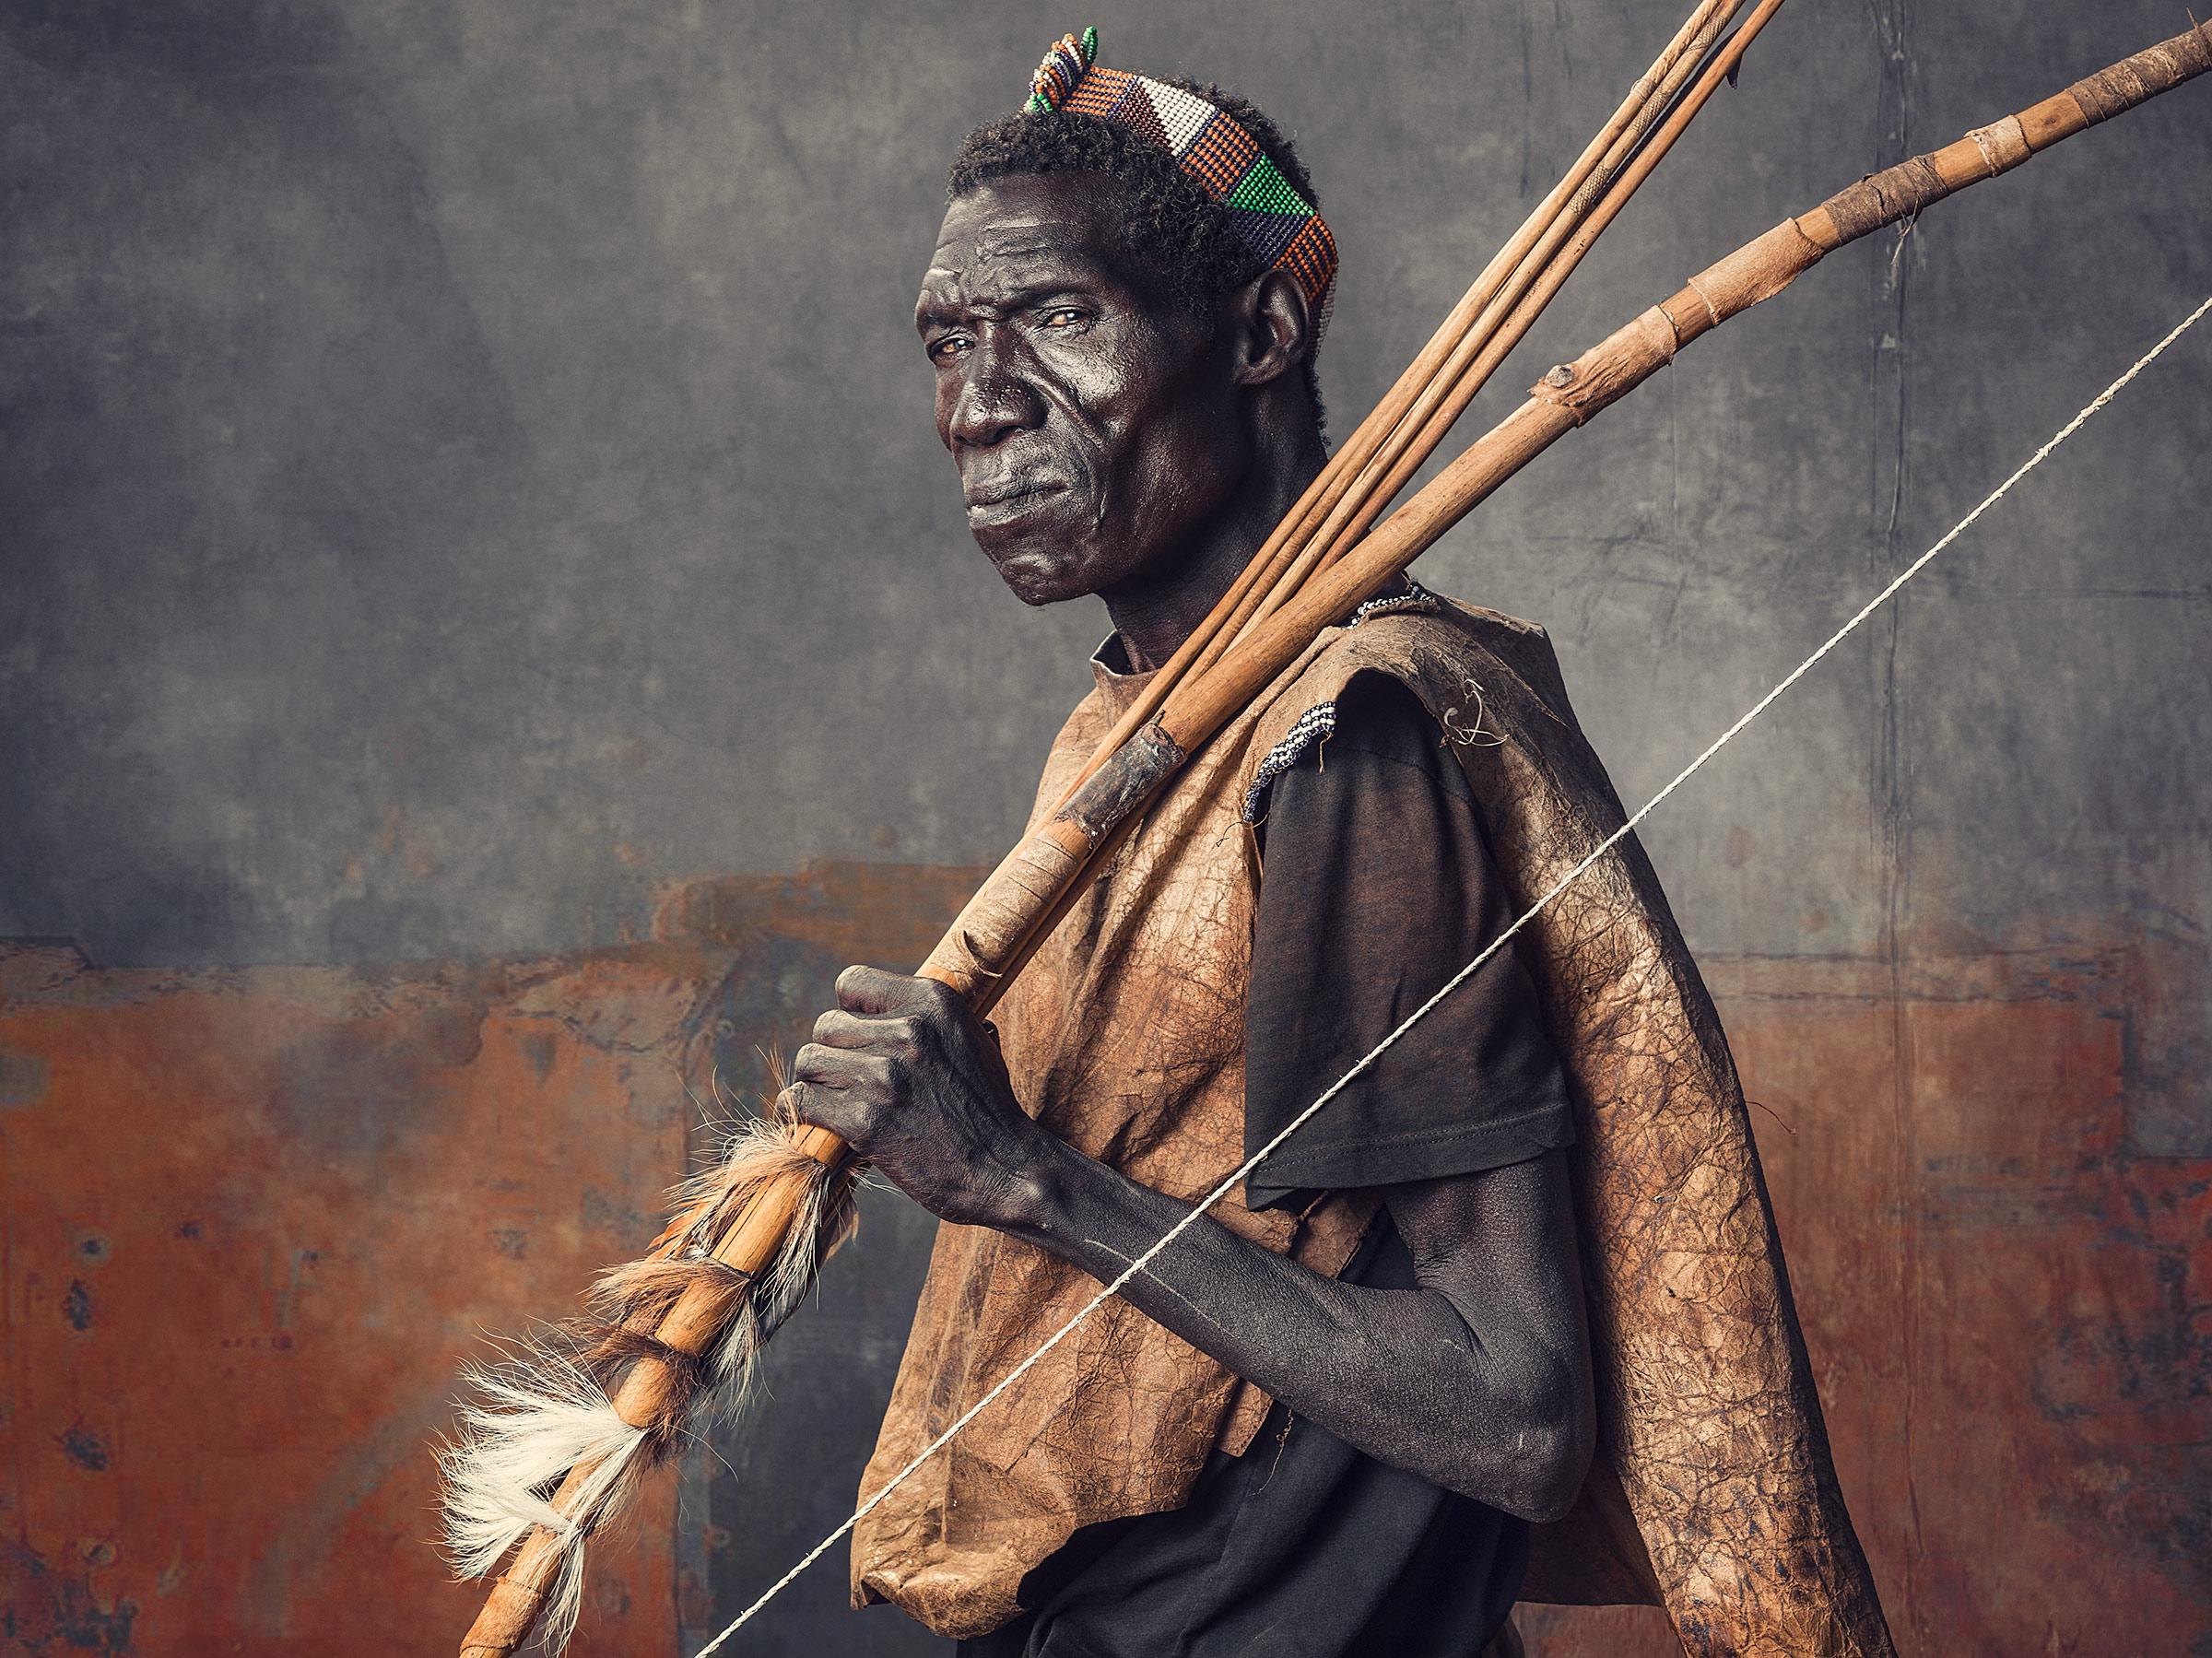 Tanzania_BaobaoBackdrop_00070_D.jpg